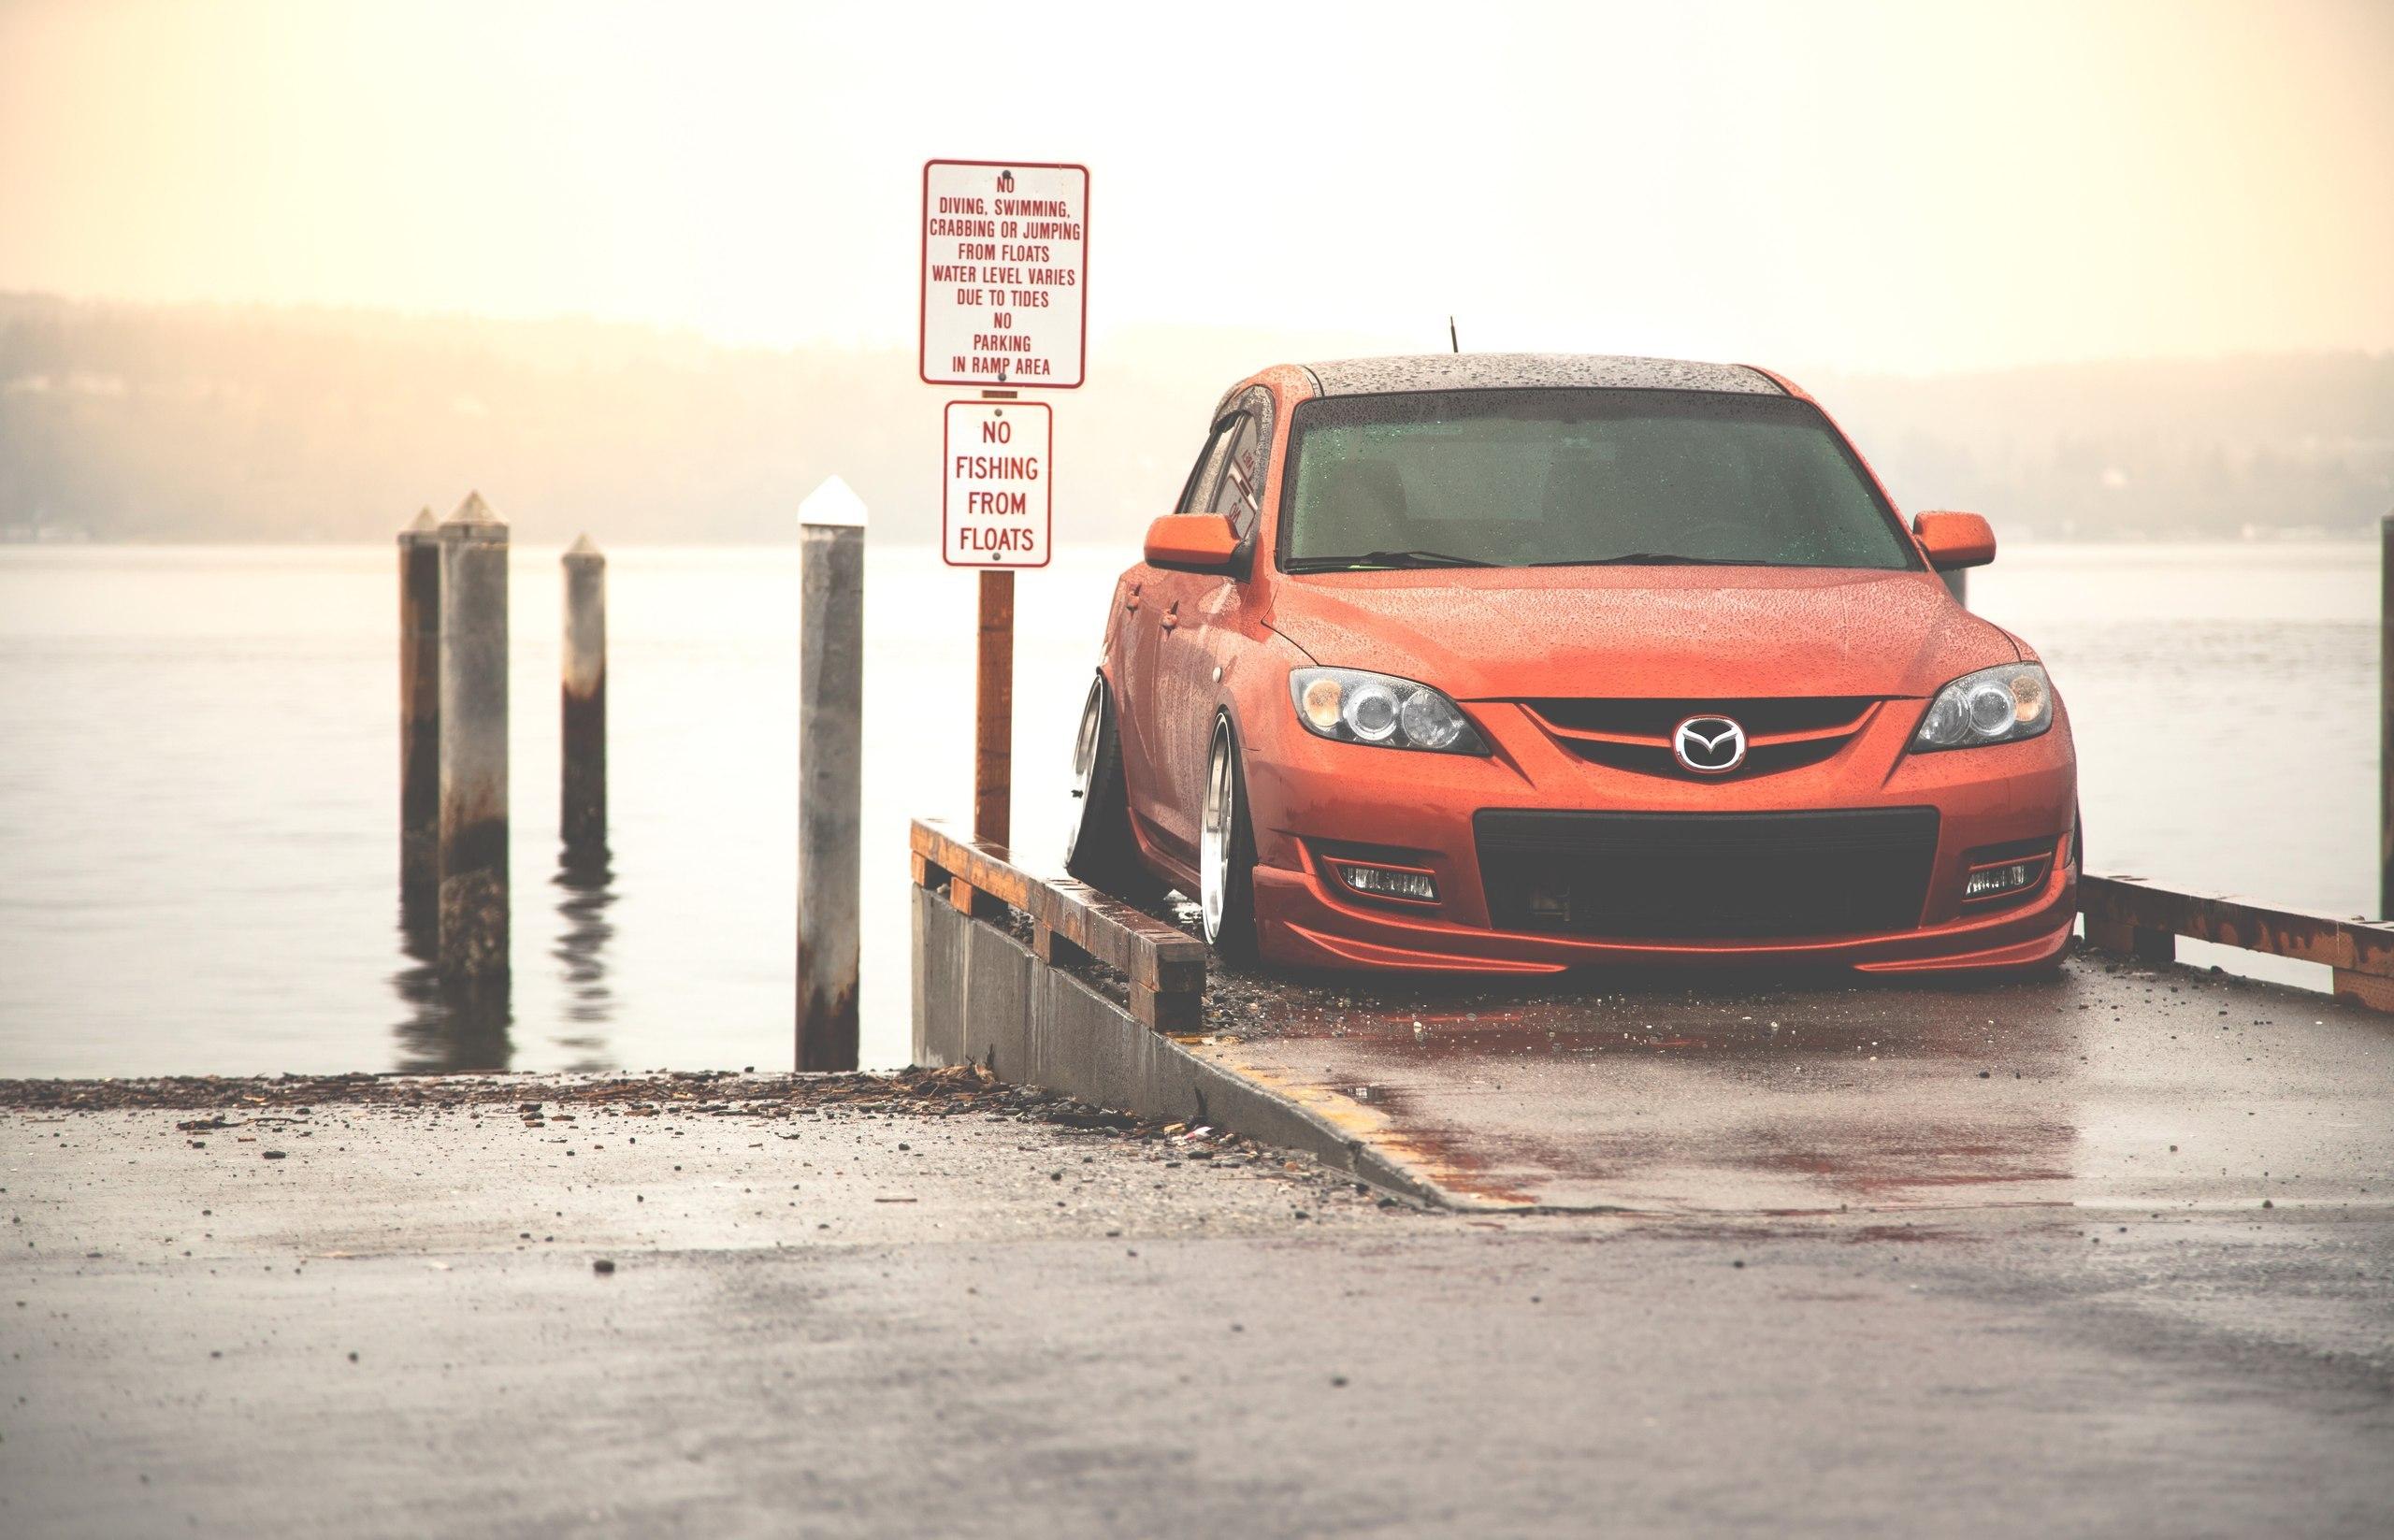 83901 Hintergrundbild 720x1280 kostenlos auf deinem Handy, lade Bilder Mazda, Cars, Vorderansicht, Frontansicht 720x1280 auf dein Handy herunter